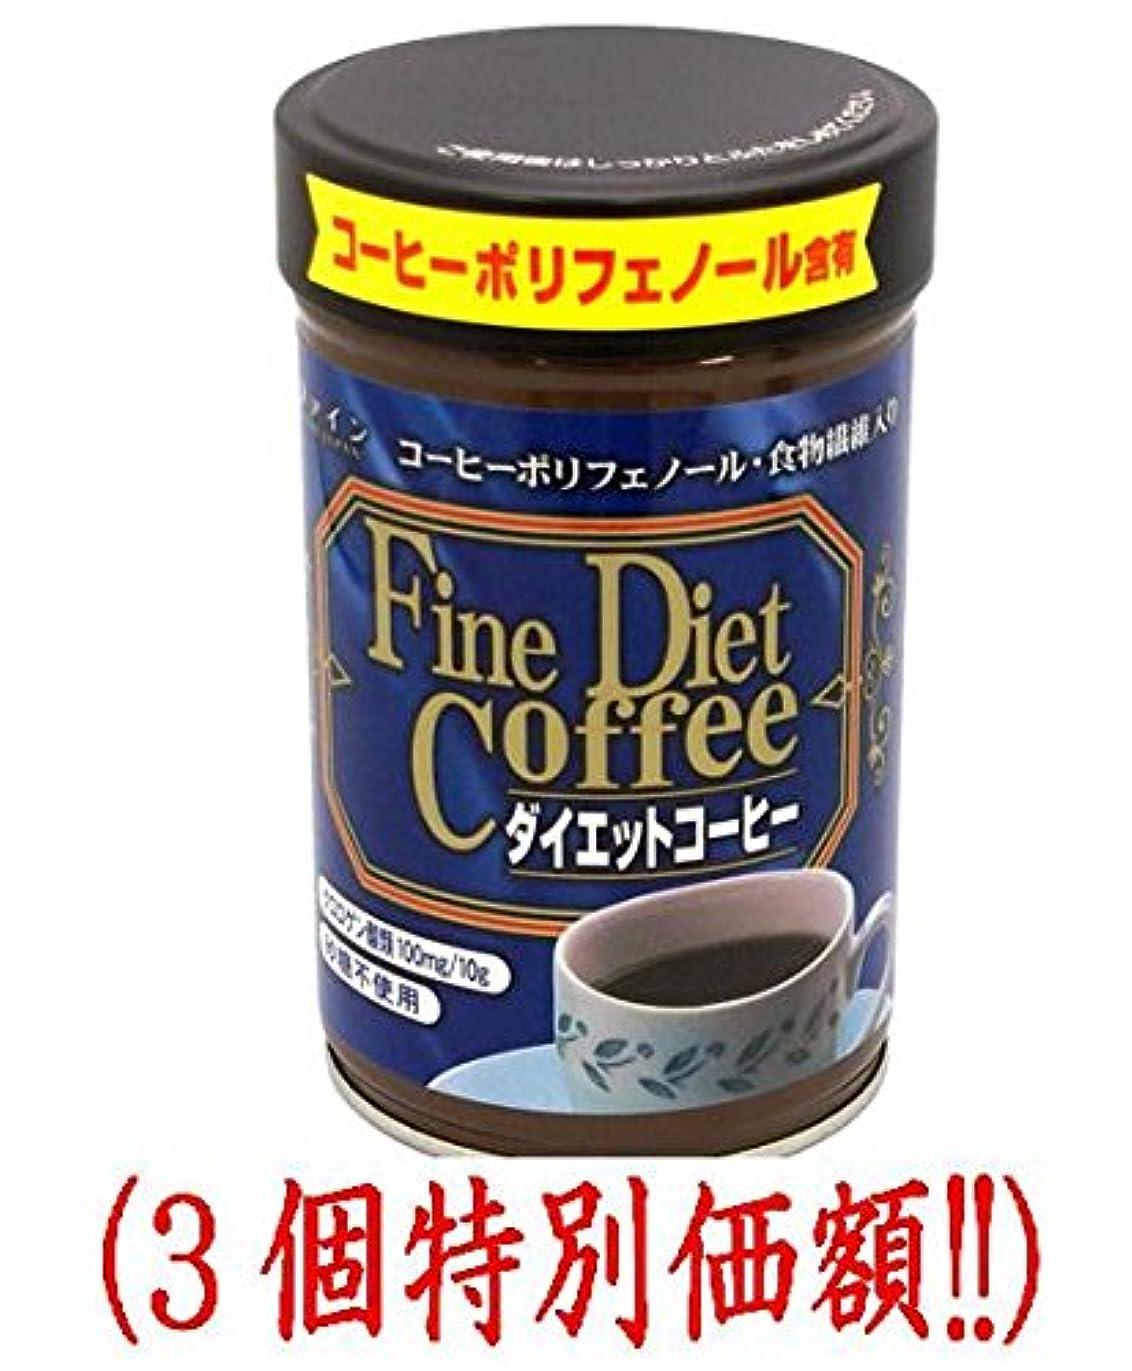 過度のみすぼらしい収縮ファイン ダイエットコーヒー【3本セット】